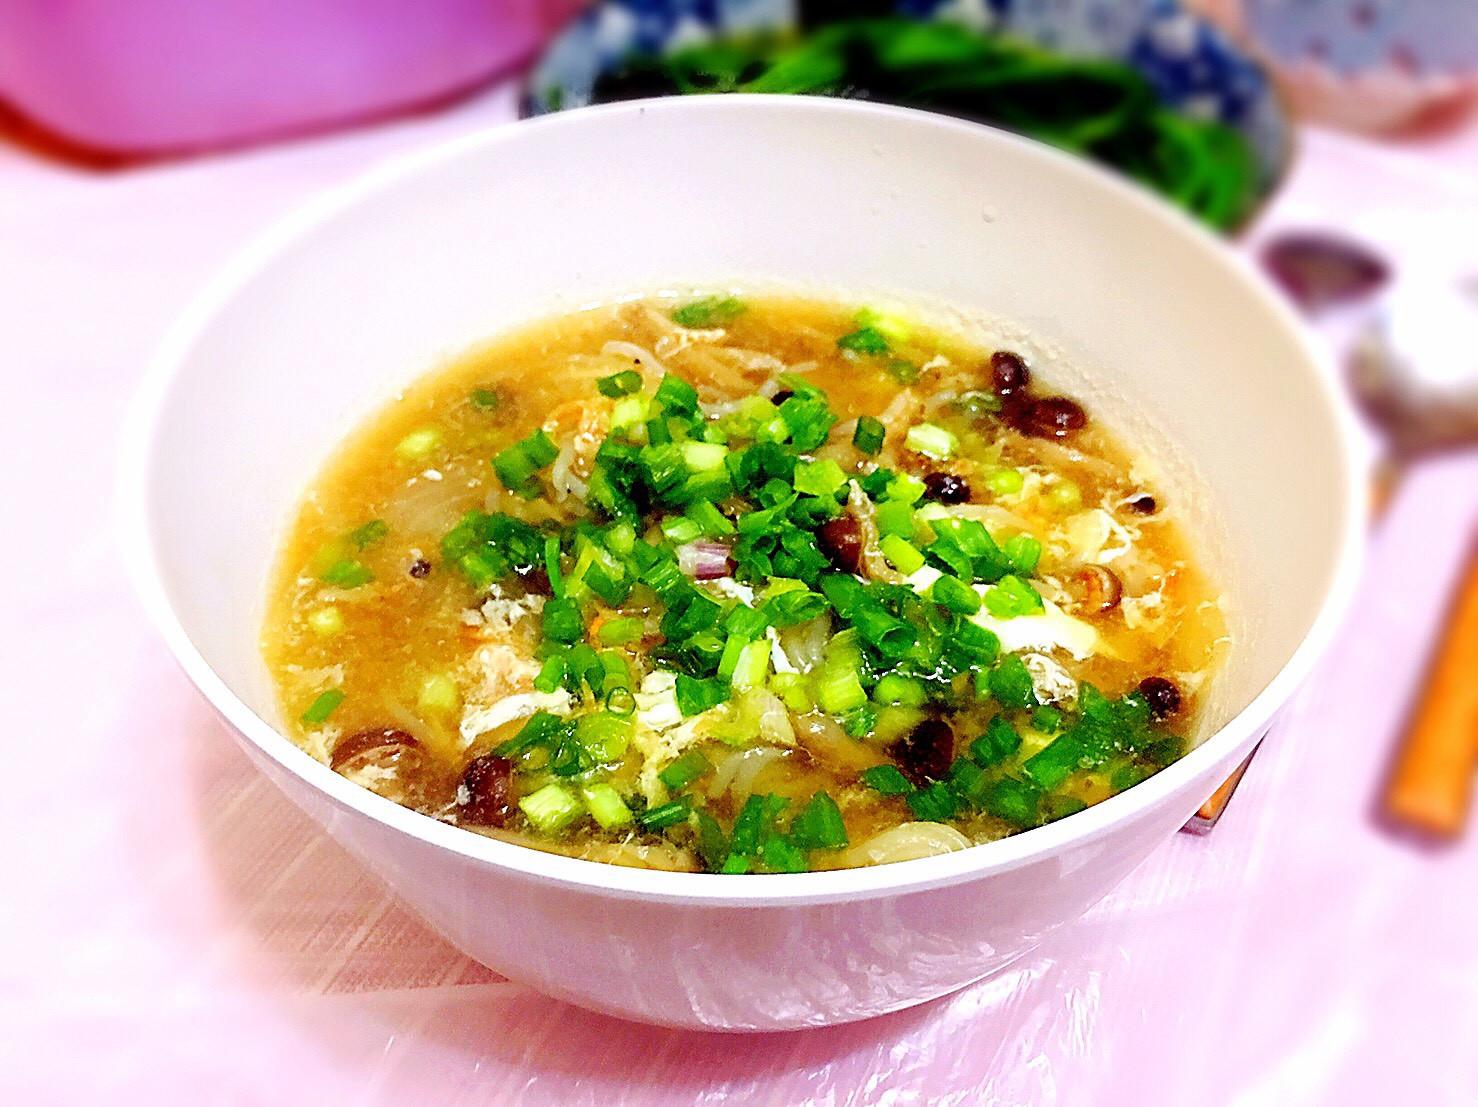 小蝦米鏗魚湯(keep fit餐單)